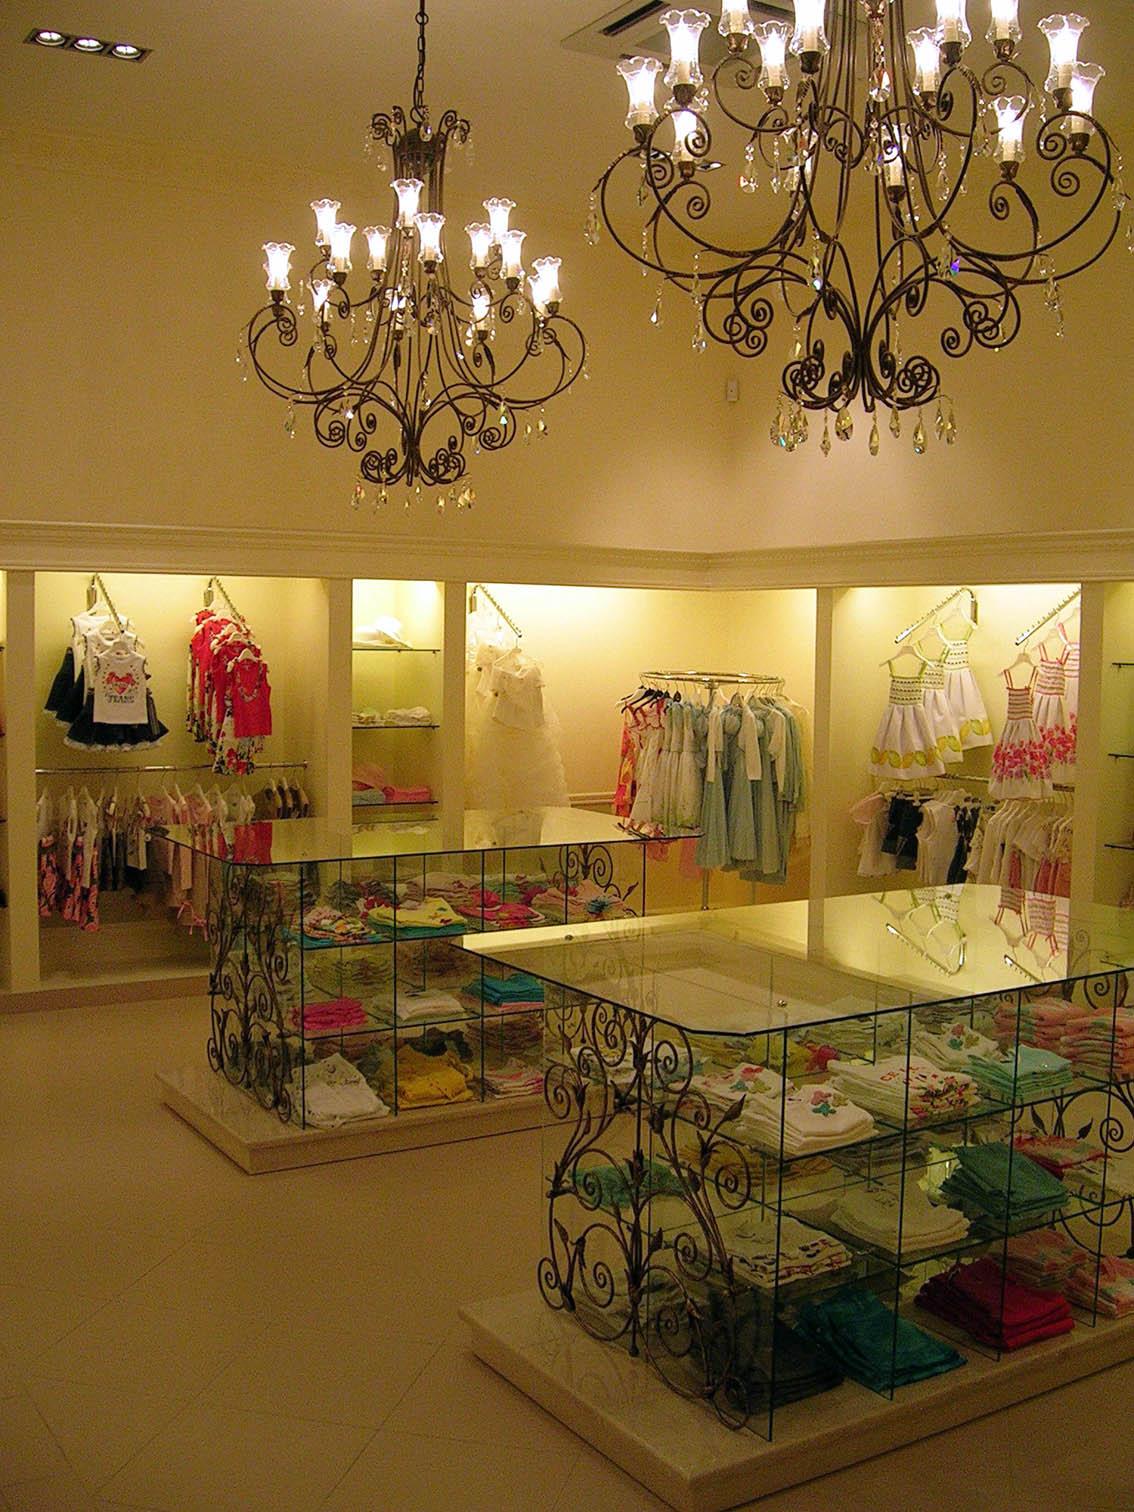 Декоративные кованные детали для магазина детской одежды Даниель 2006год.